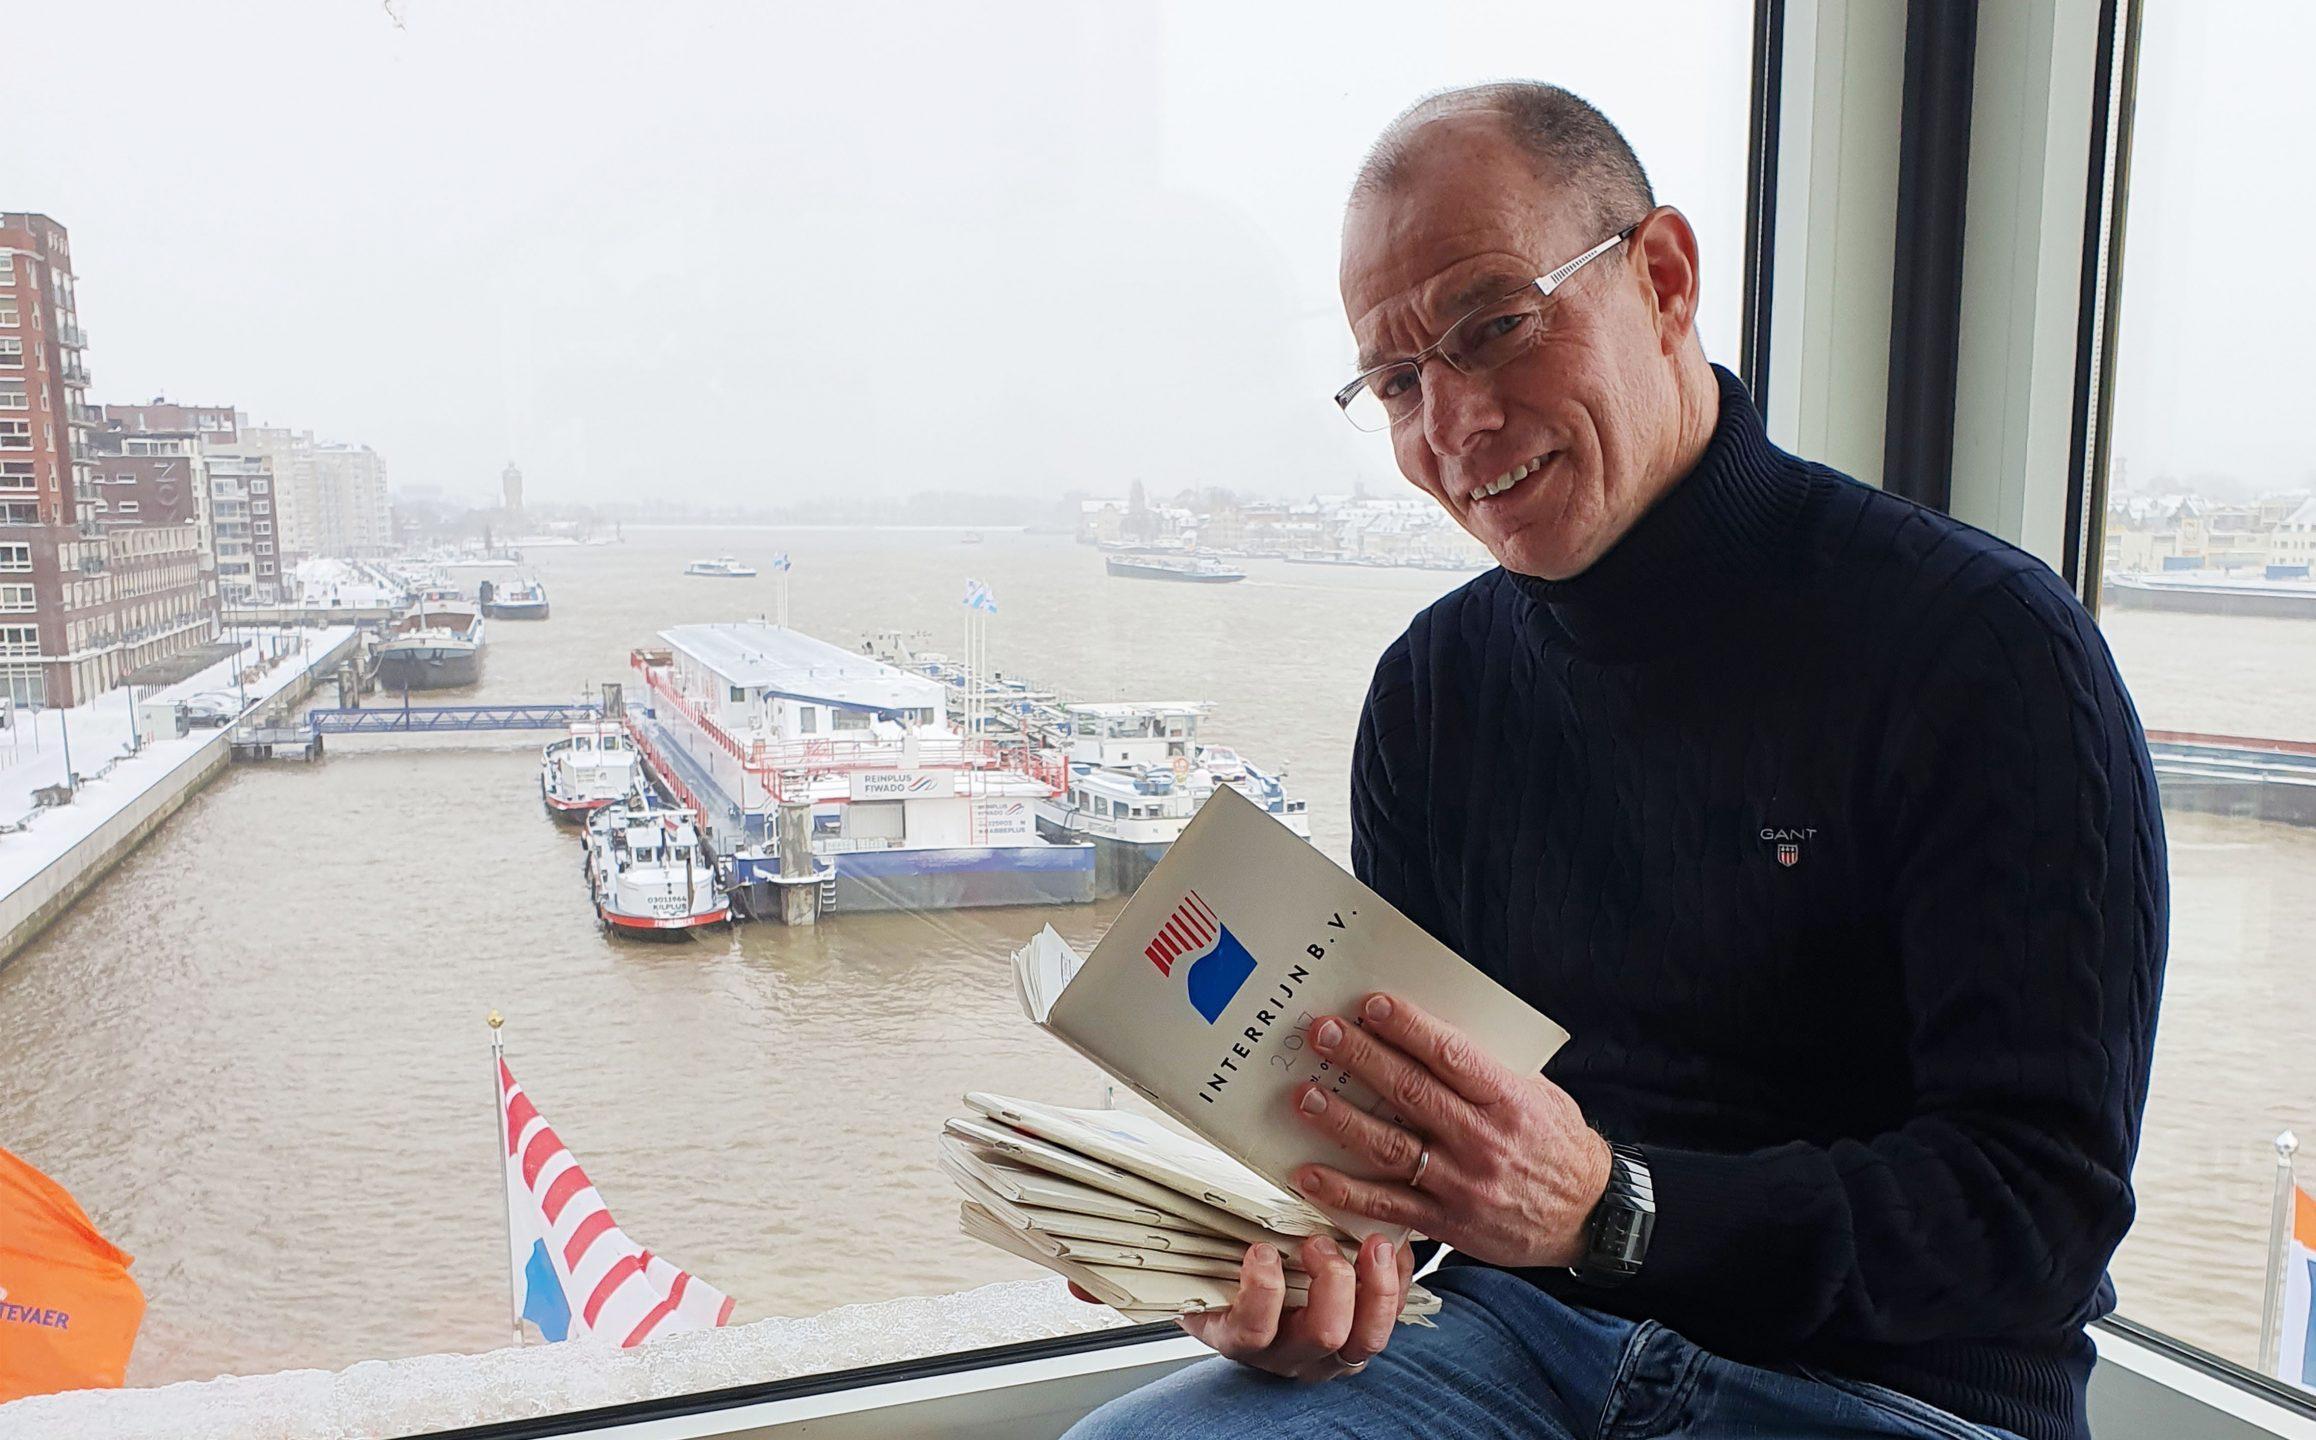 Operational Manager Louis Bosman van Interrijn al ruim 30 jaar iedere dag onder andere alle waterstanden bij van de Rijn. (Foto Erik van Huizen)